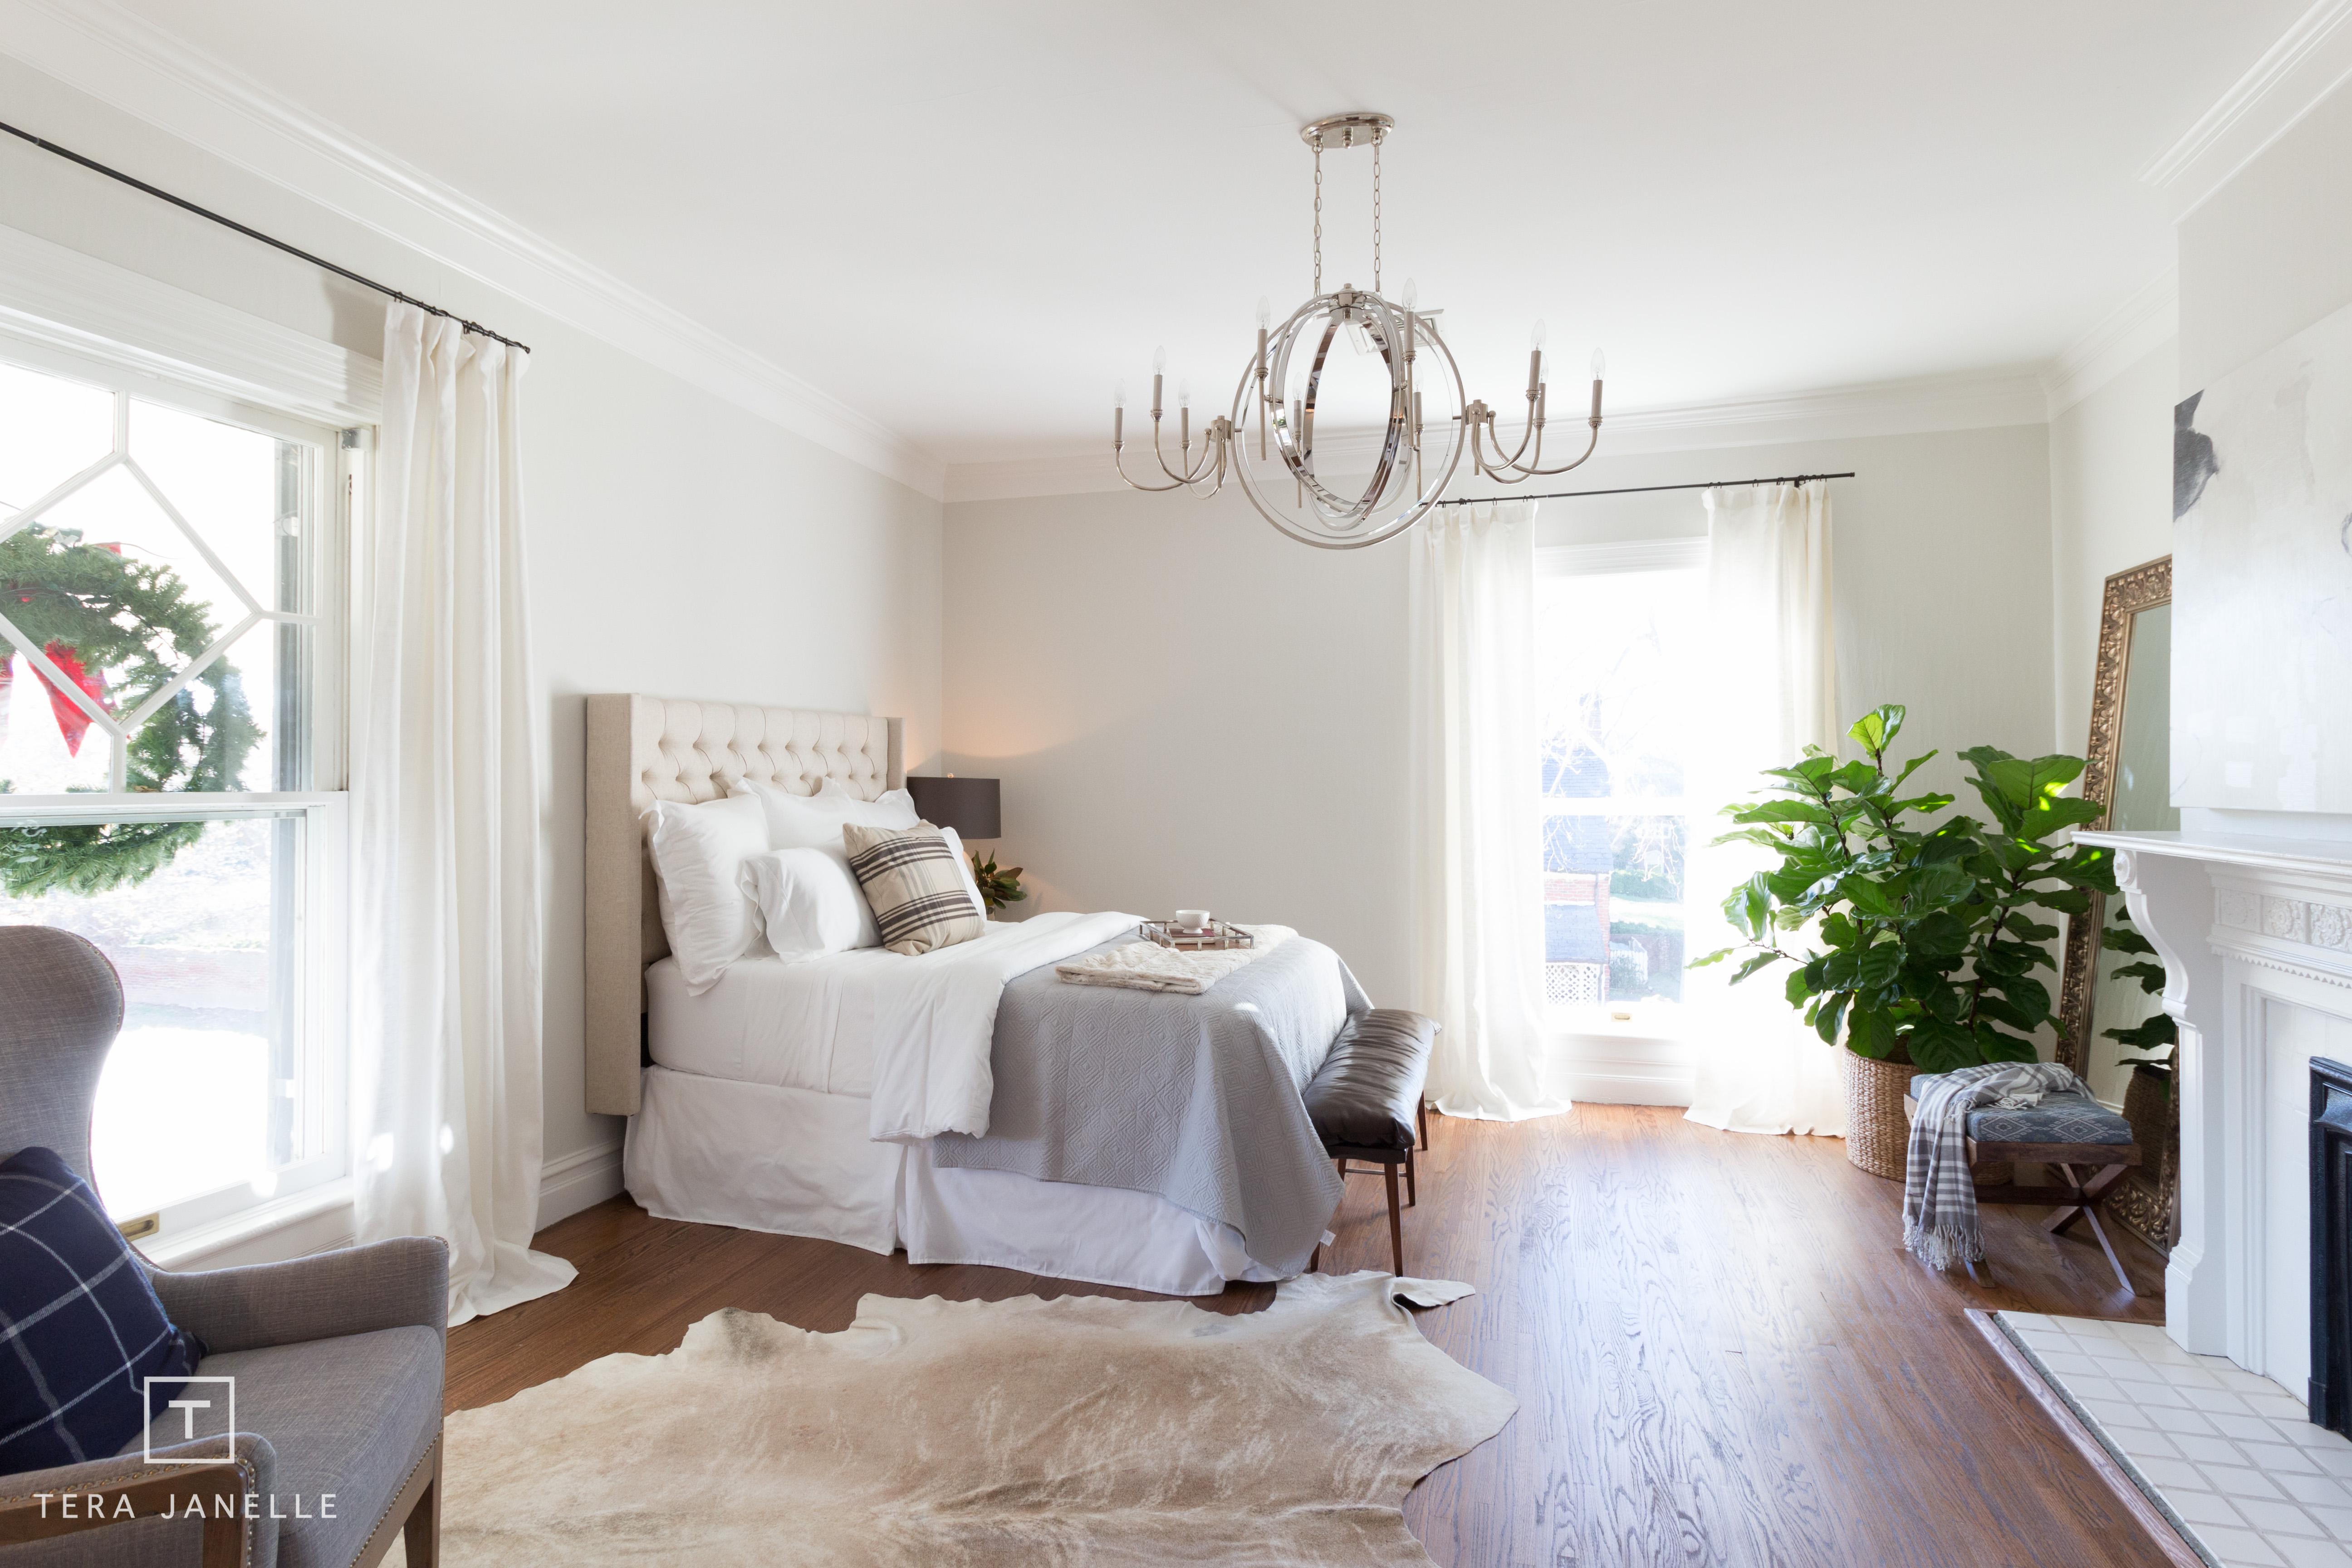 Tera Janelle - Right Bedroom-2.jpg